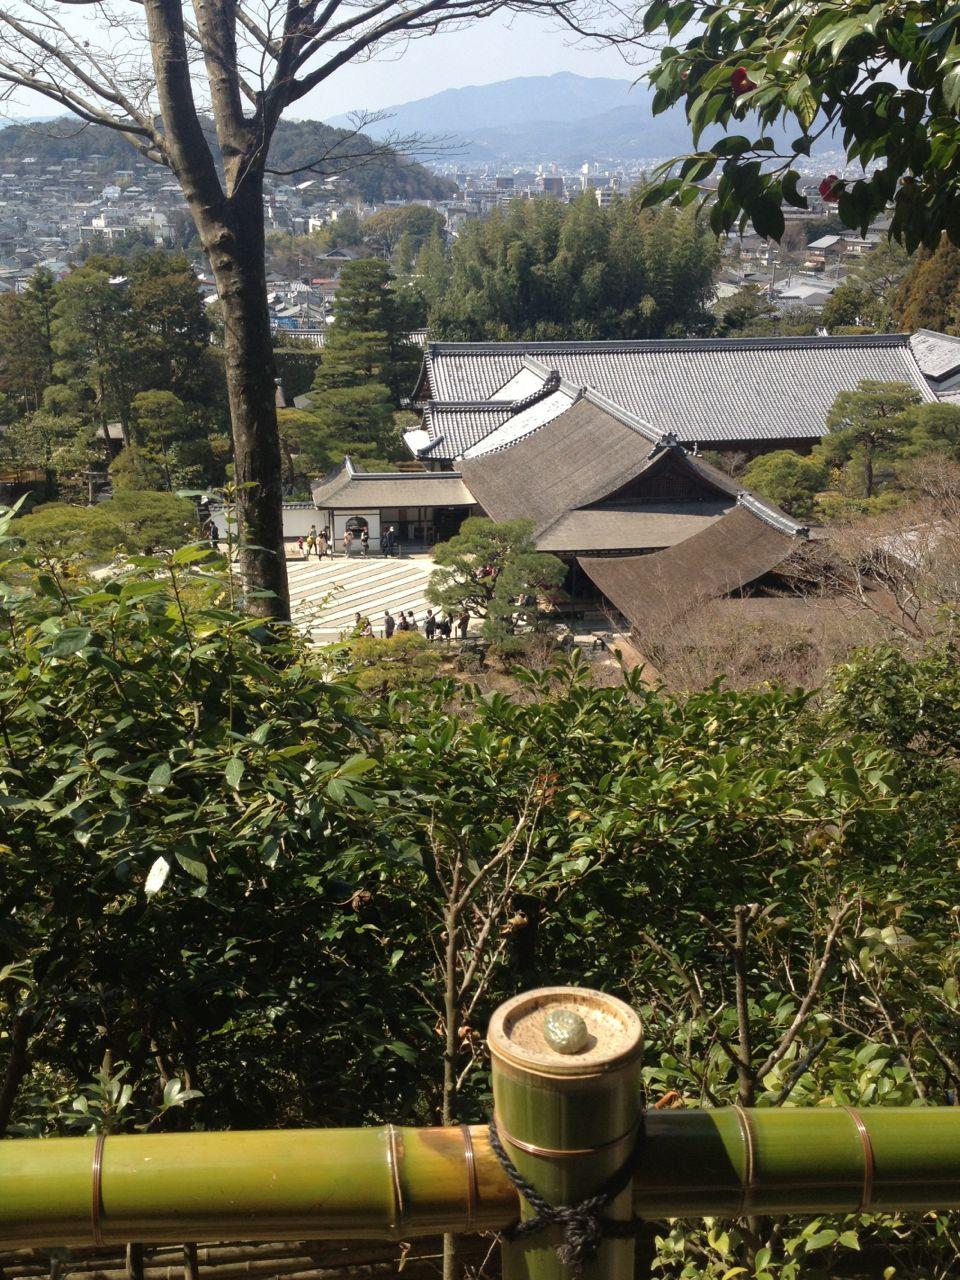 ginkaku-ji . kyoto . japan 23.03.14